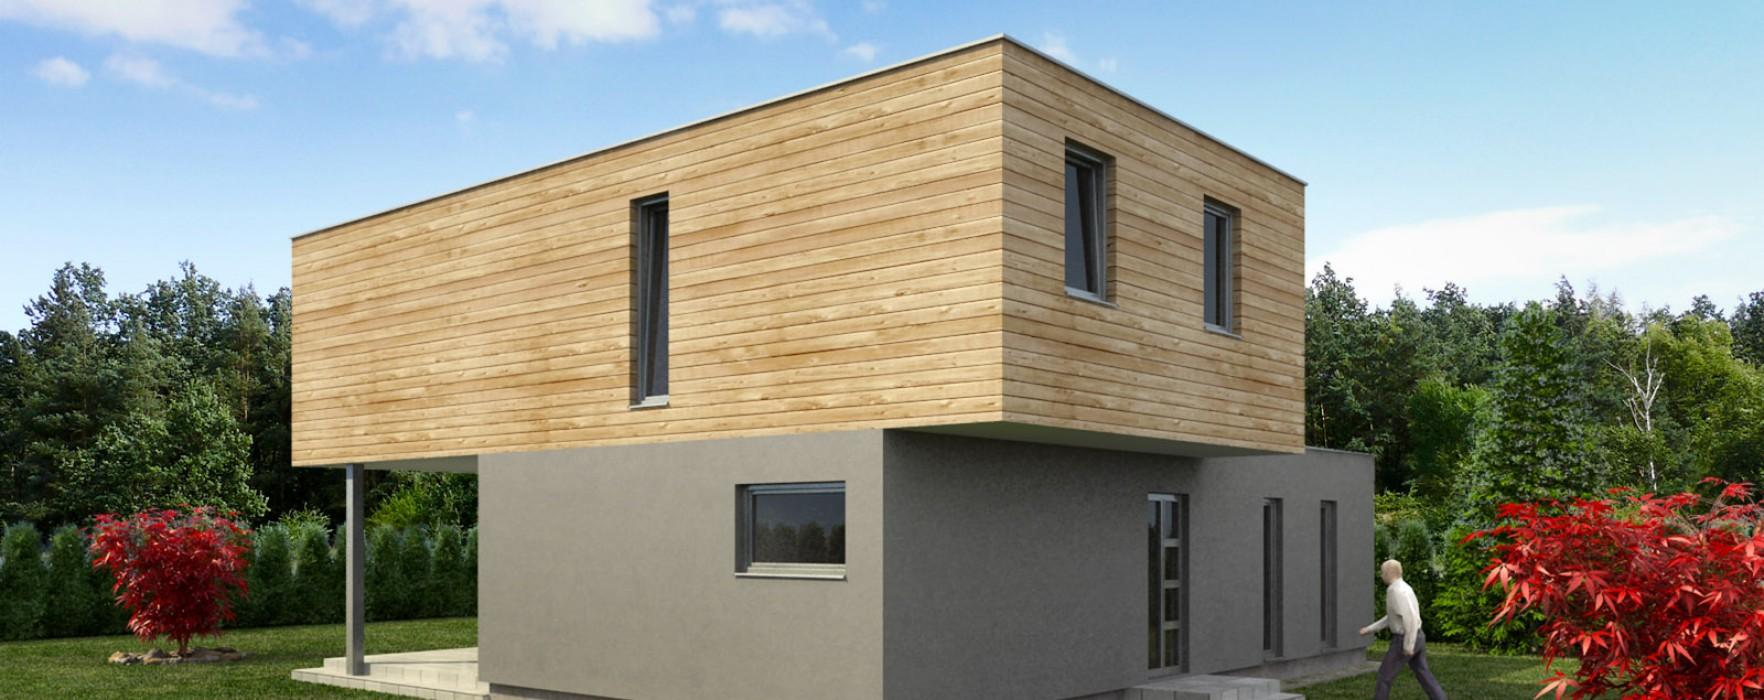 Riscaldare le case prefabbricate - Quanto costa una casa prefabbricata di 200 mq ...